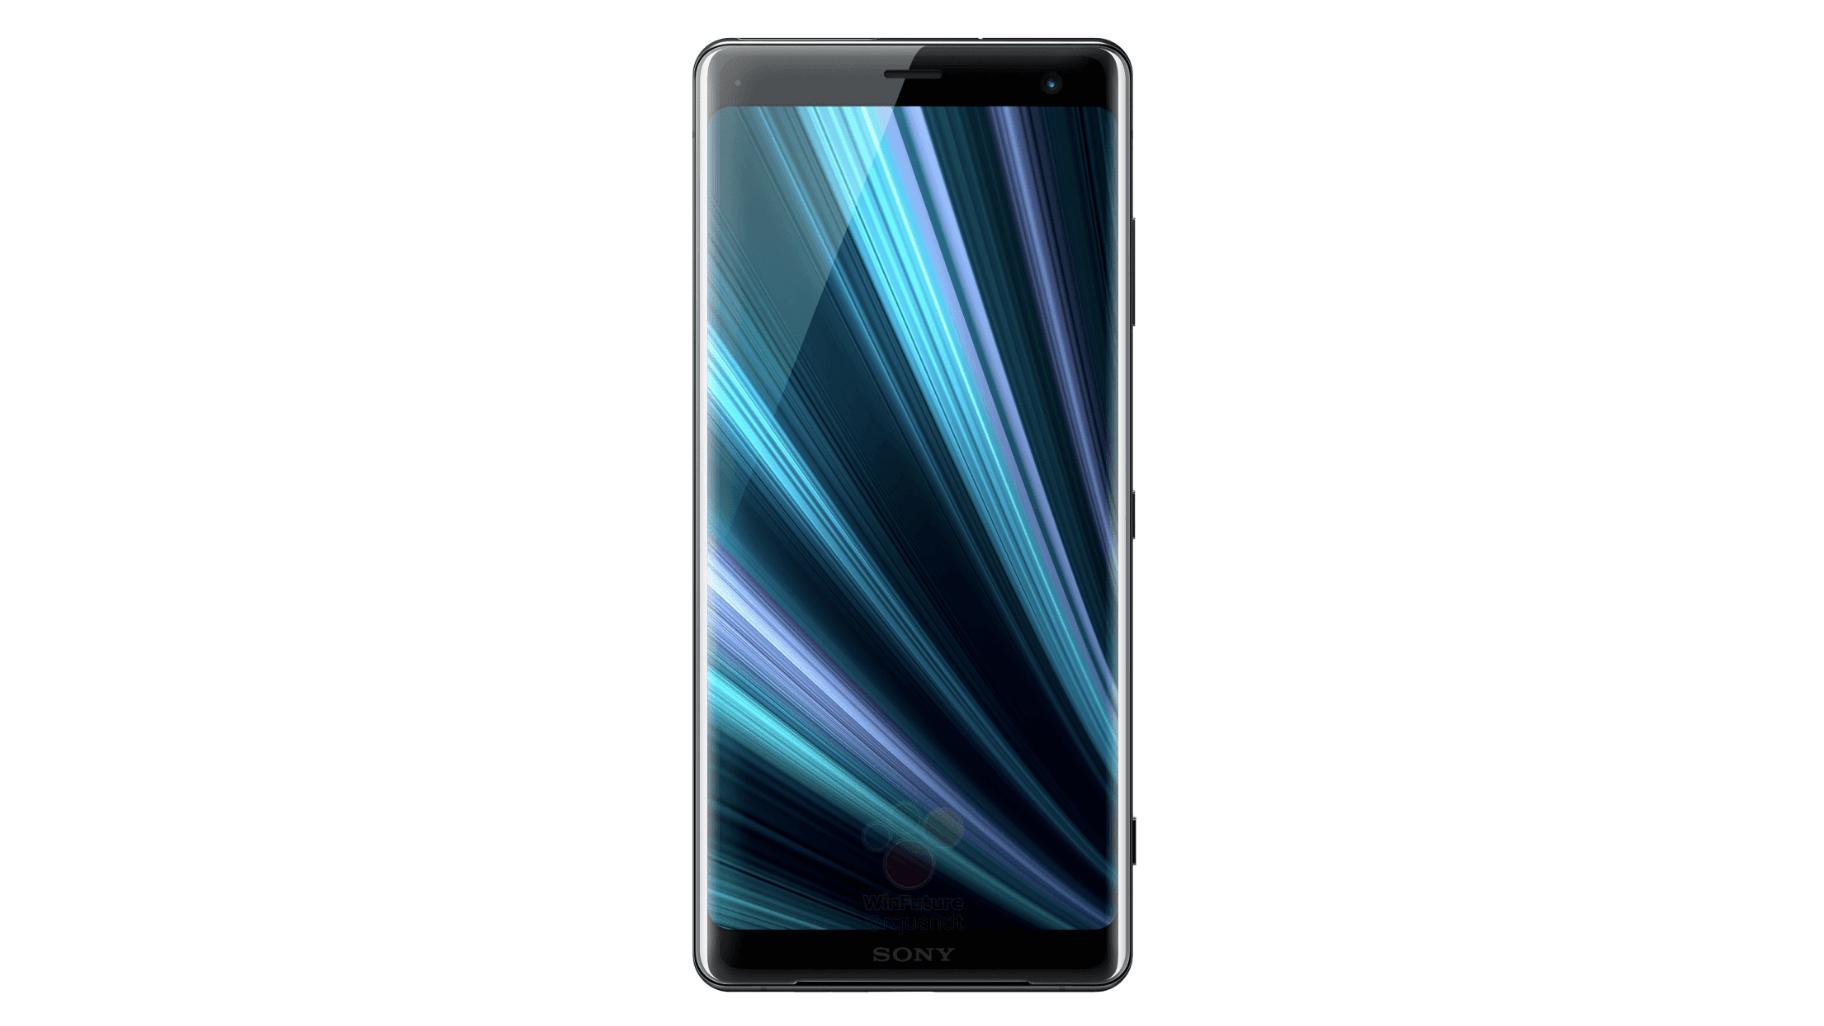 Sony Xperia XZ3 : finalement, il faut s'attendre à un écran OLED de 6 pouces